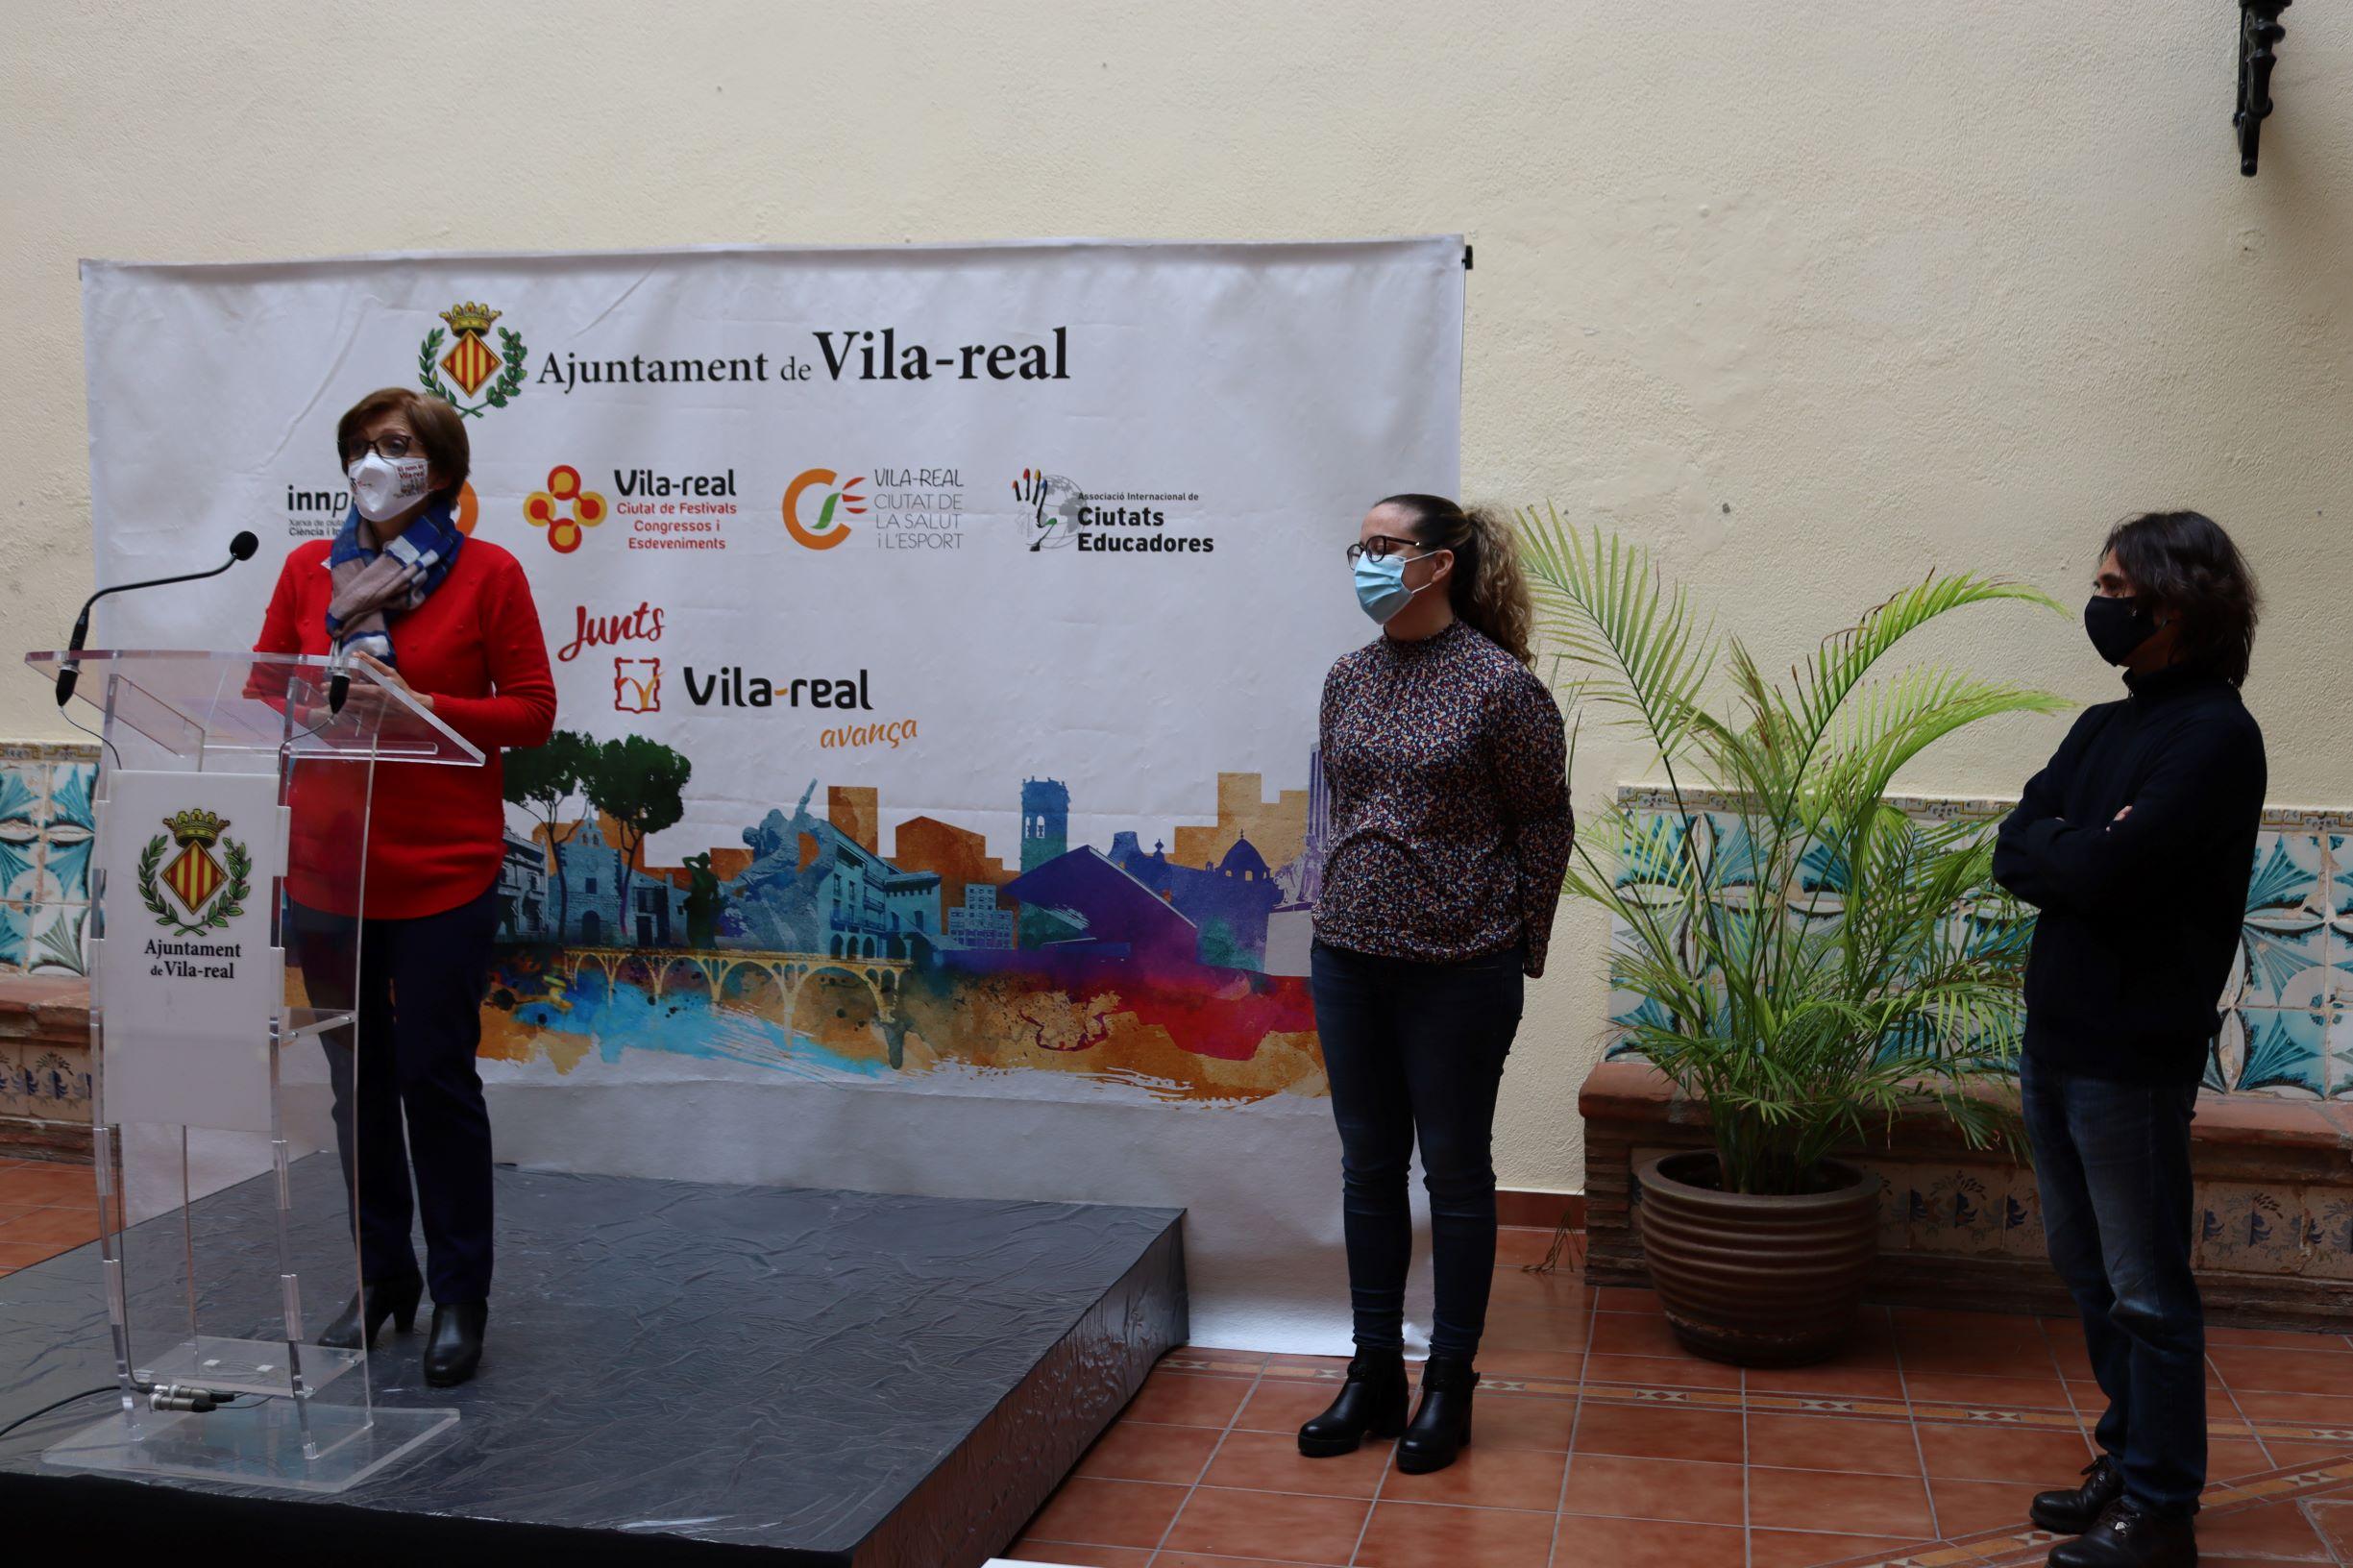 Vila-real extiende su apoyo cultural al audiovisual valenciano y las salas de cine locales con el estreno de 'Un cercle en l'aigua'